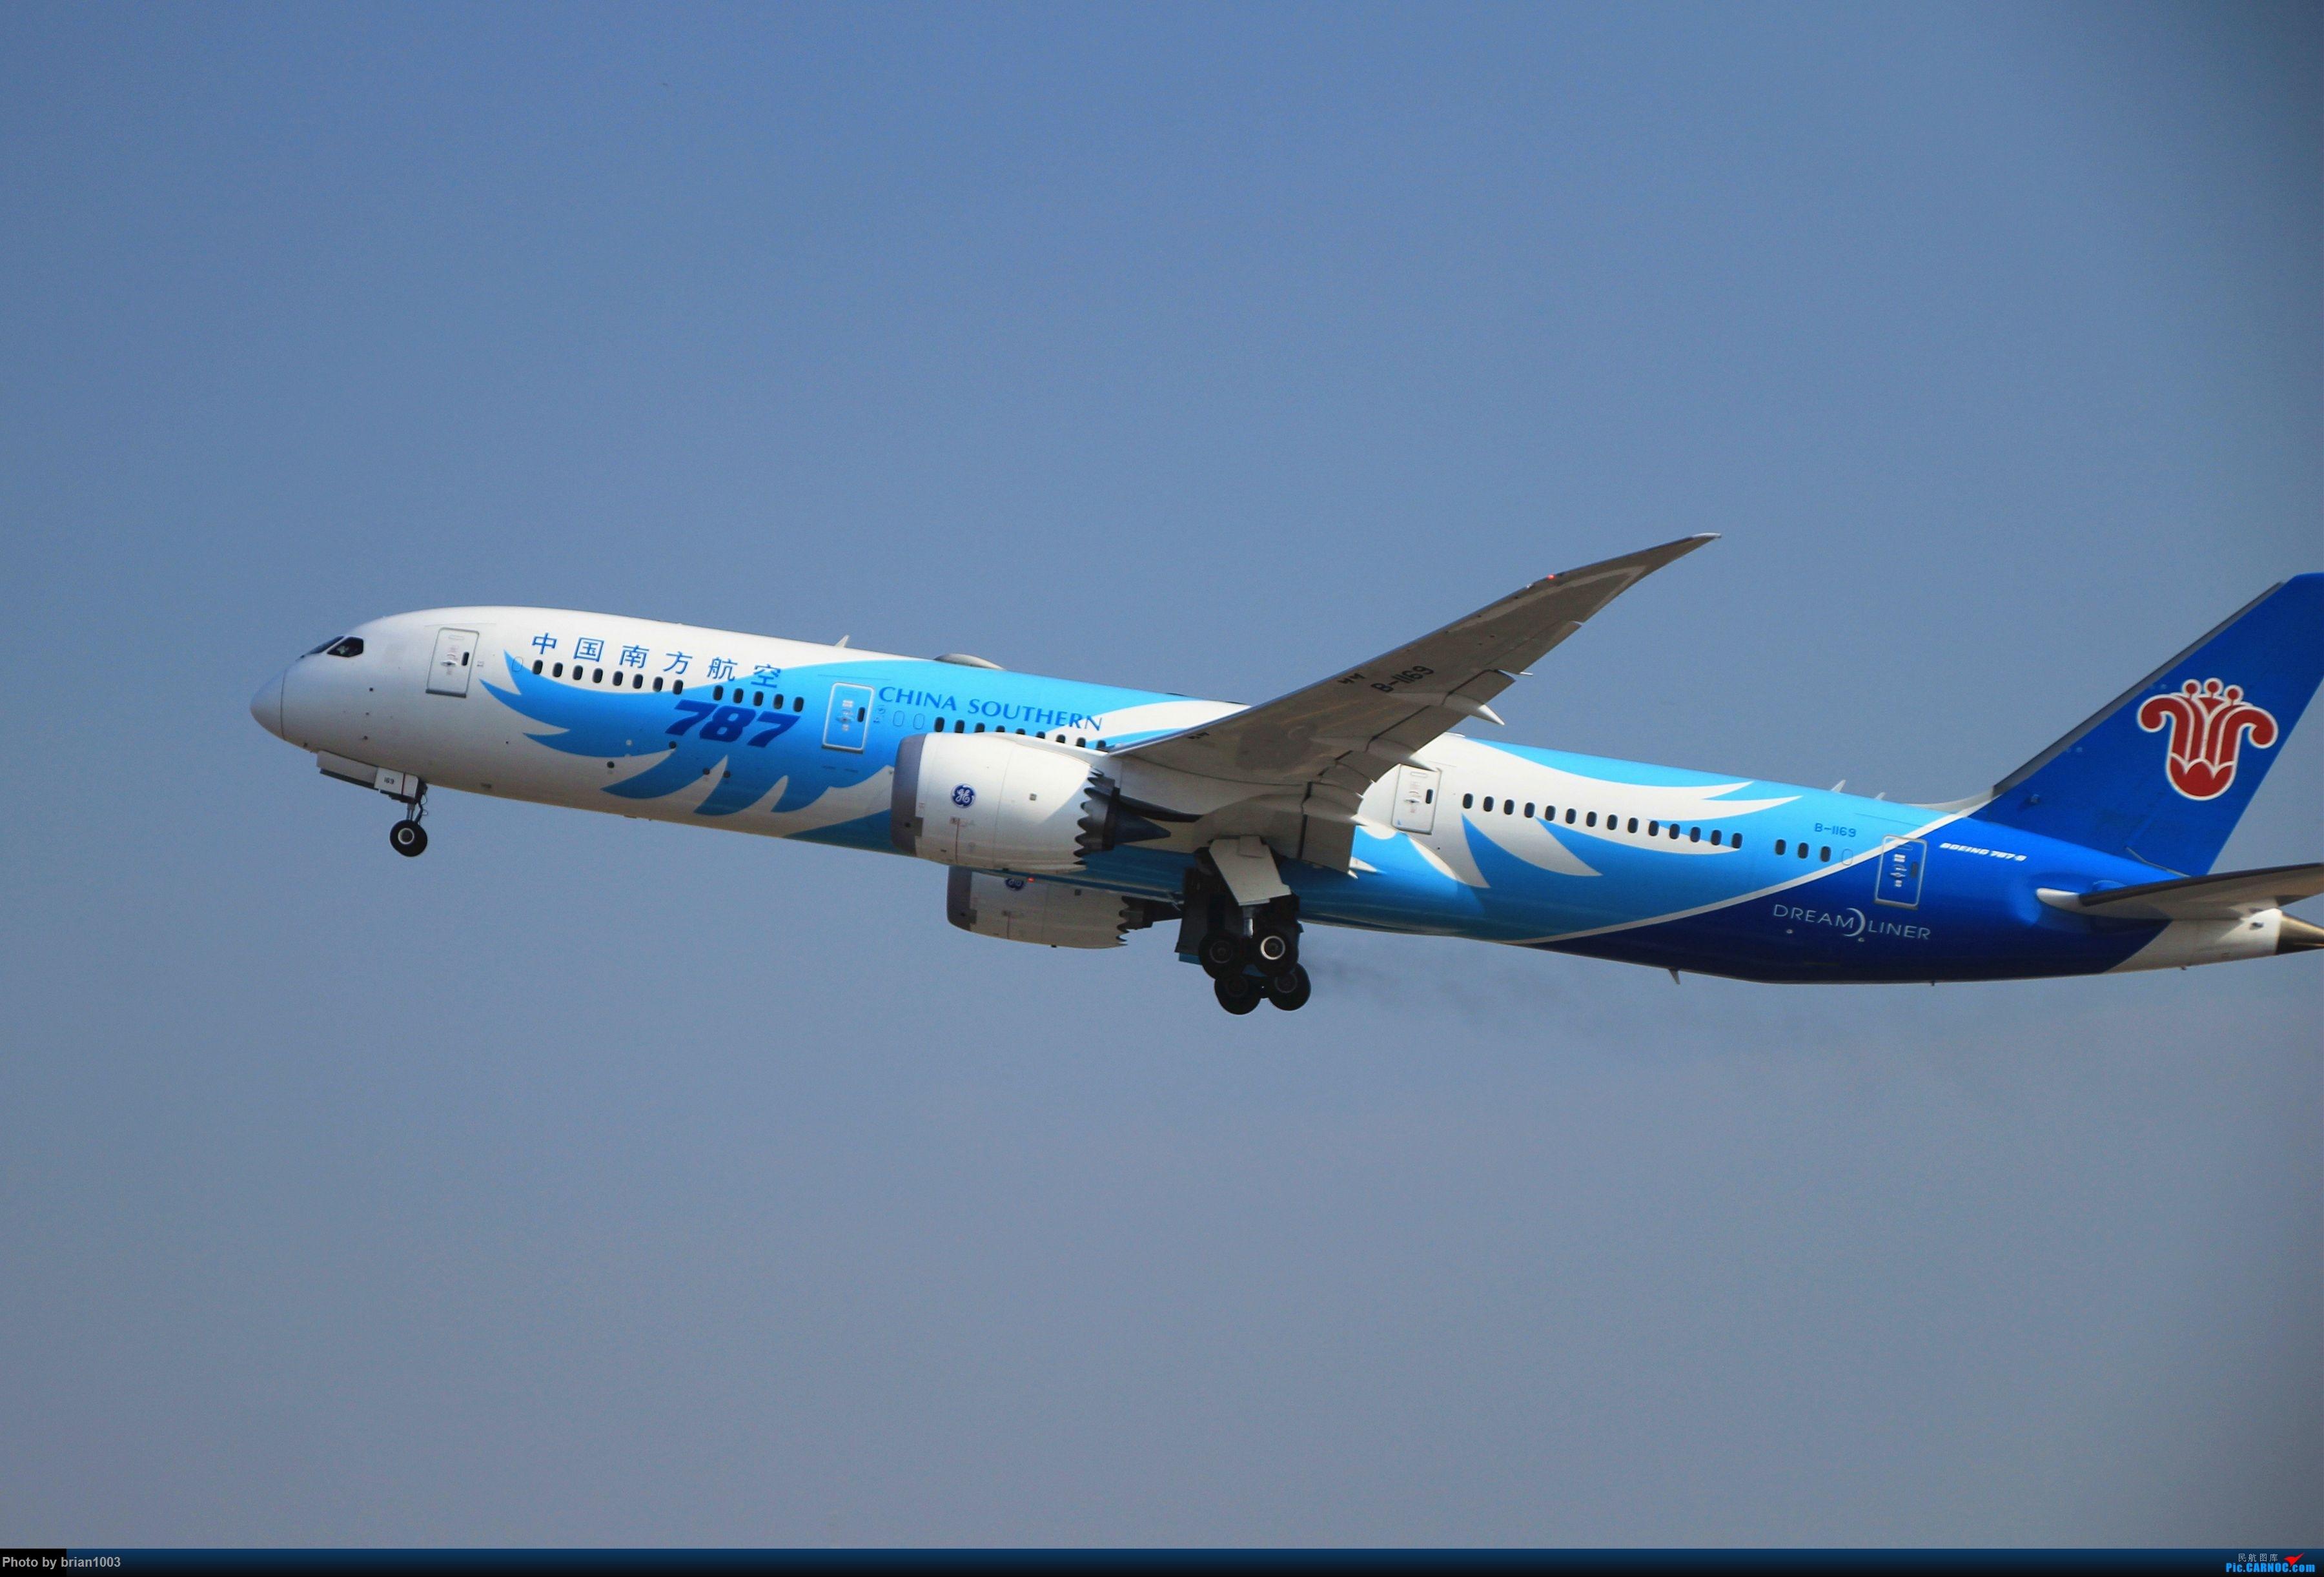 Re:[原创]WUH武汉天河机场拍机之精彩满满的十月(还可能更新) BOEING 787-9 B-1169 中国武汉天河国际机场